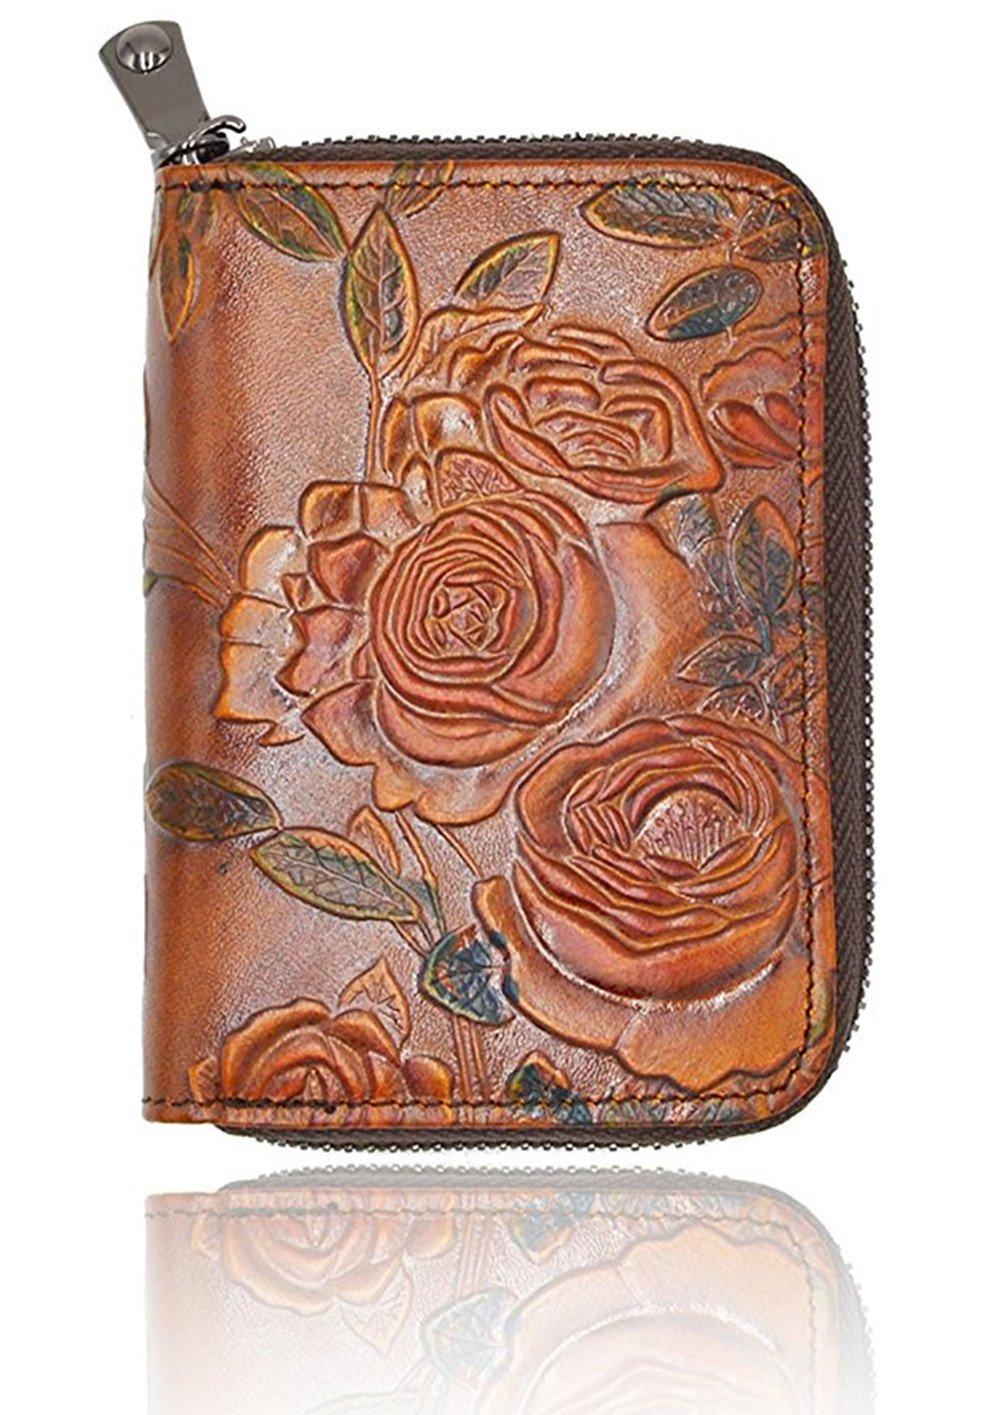 Portatarjetas de la tarjeta de crédito del cuero de las mujeres RFID que bloquea - 3D Diseño de la flor - Minorista de la cartera de las mujeres del ...